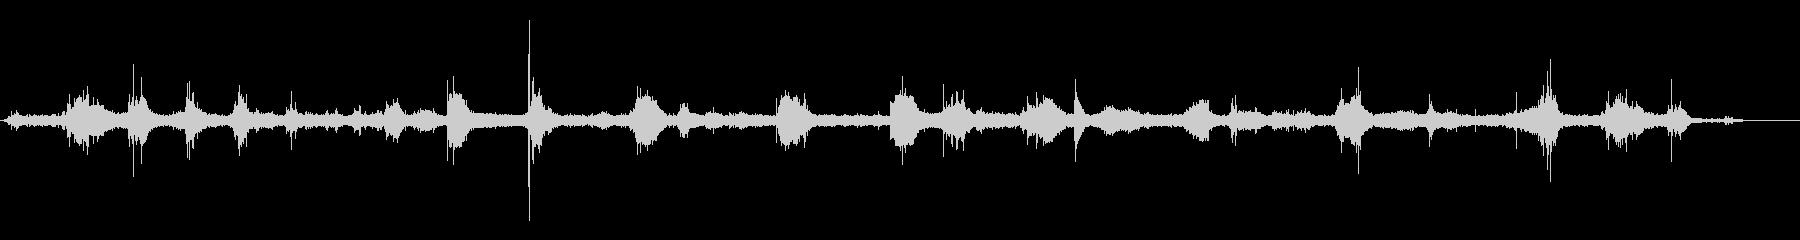 伊豆の波音 フィールドレコーディングの未再生の波形